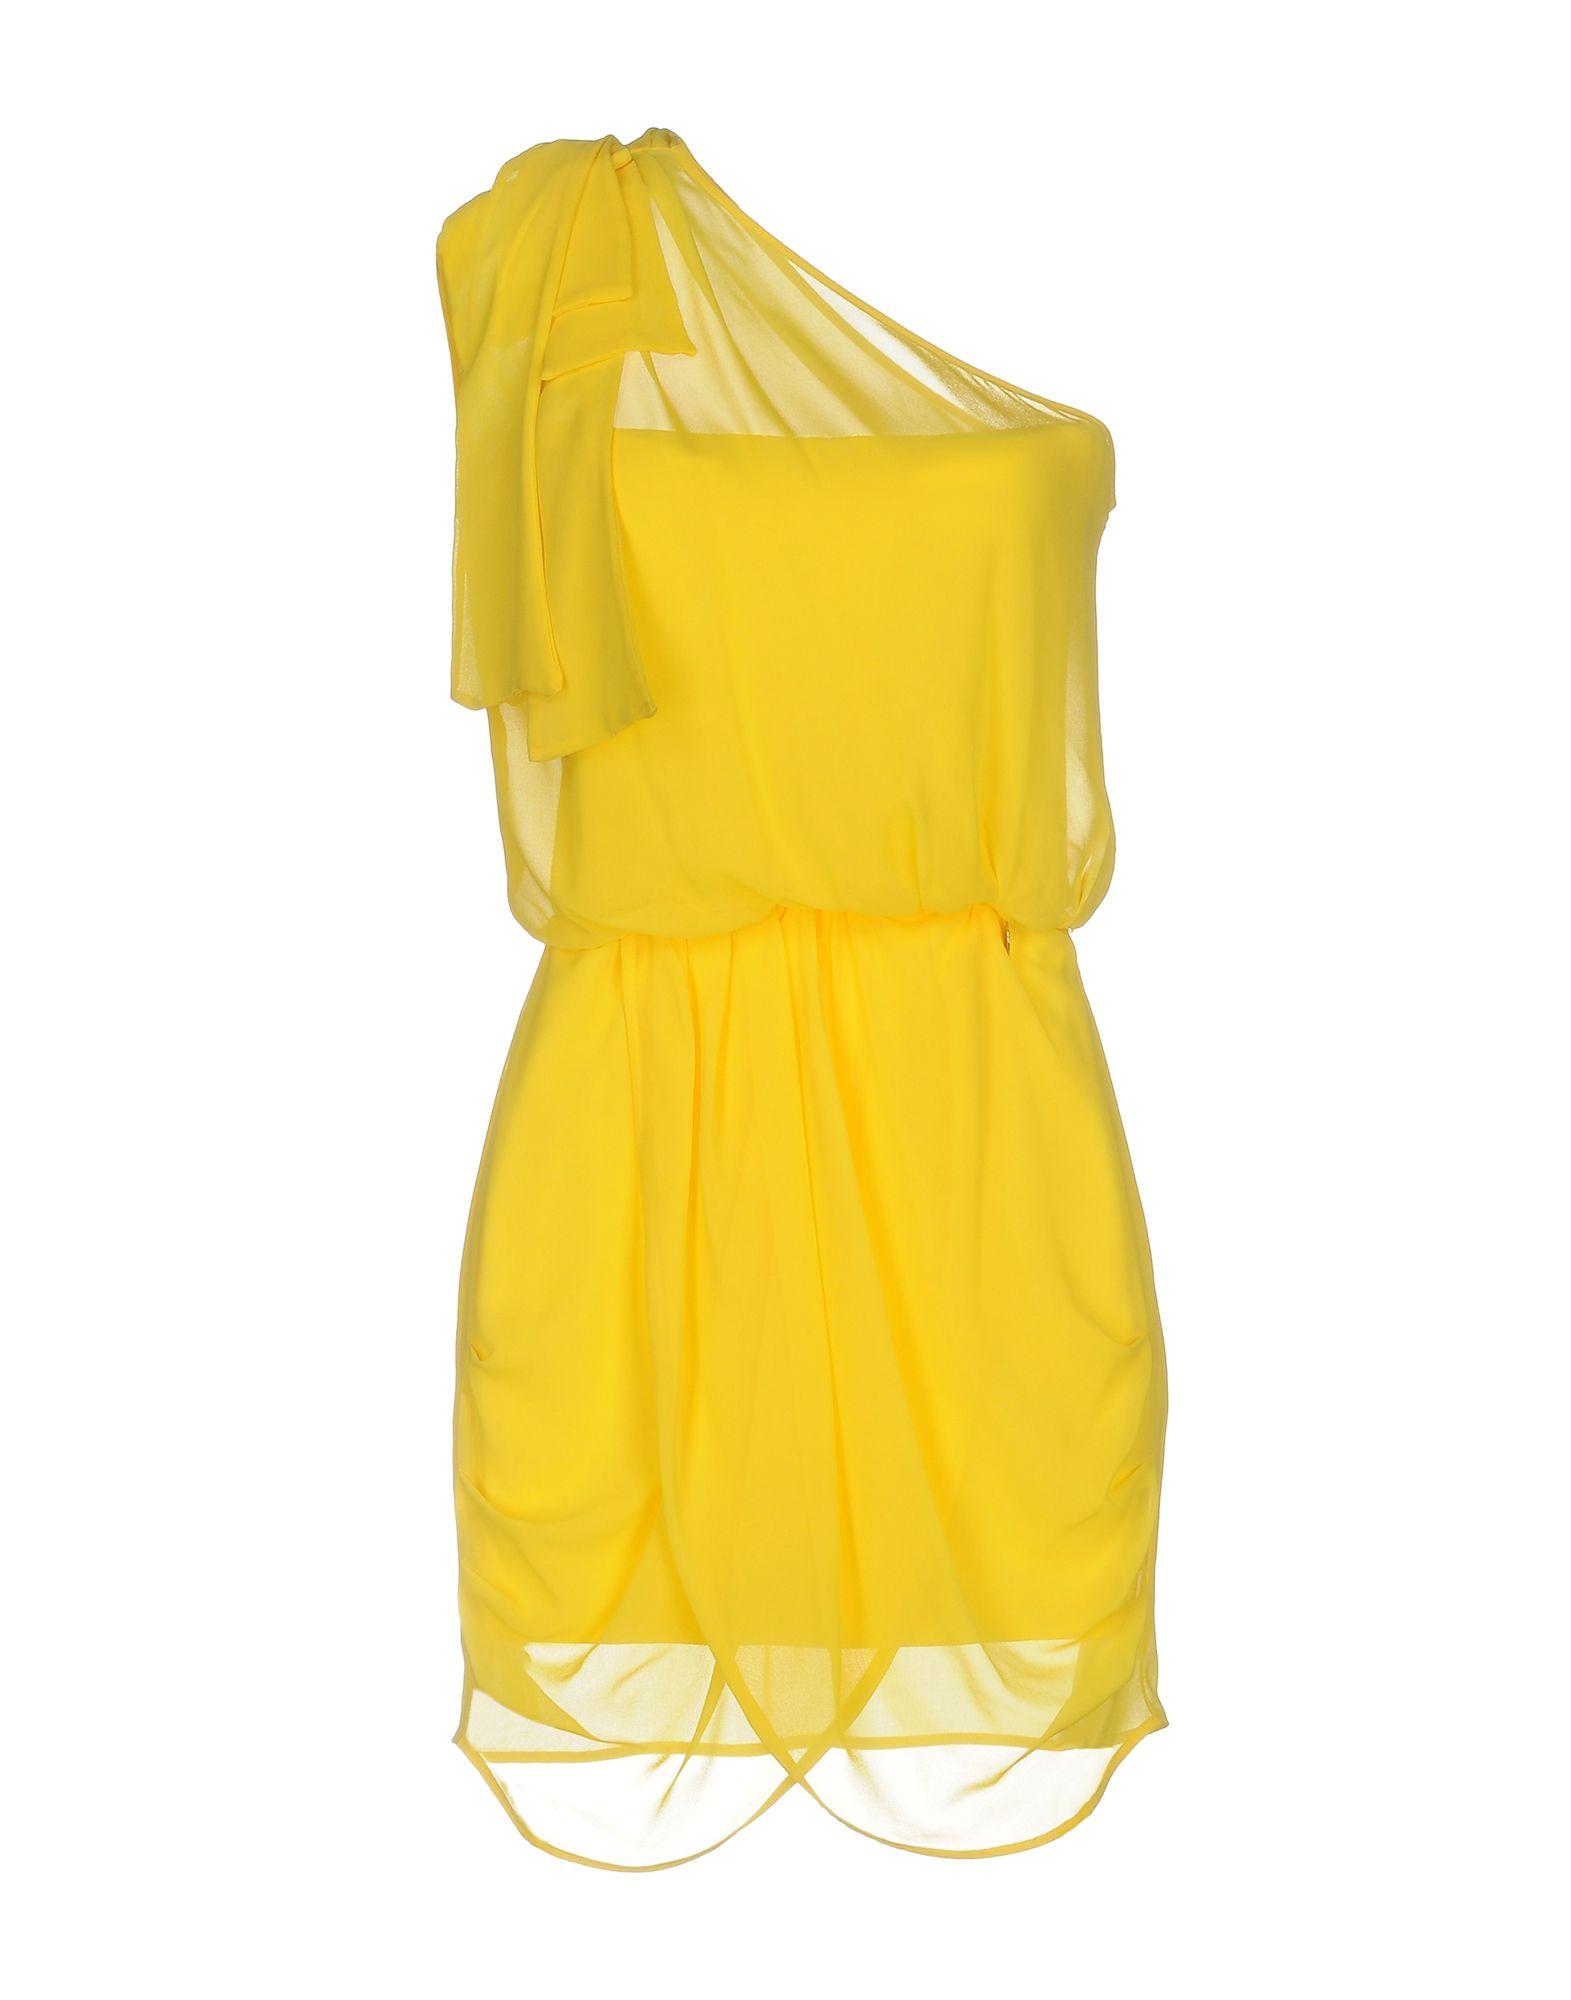 MANGANO Damen Kurzes Kleid Farbe Gelb Größe 6